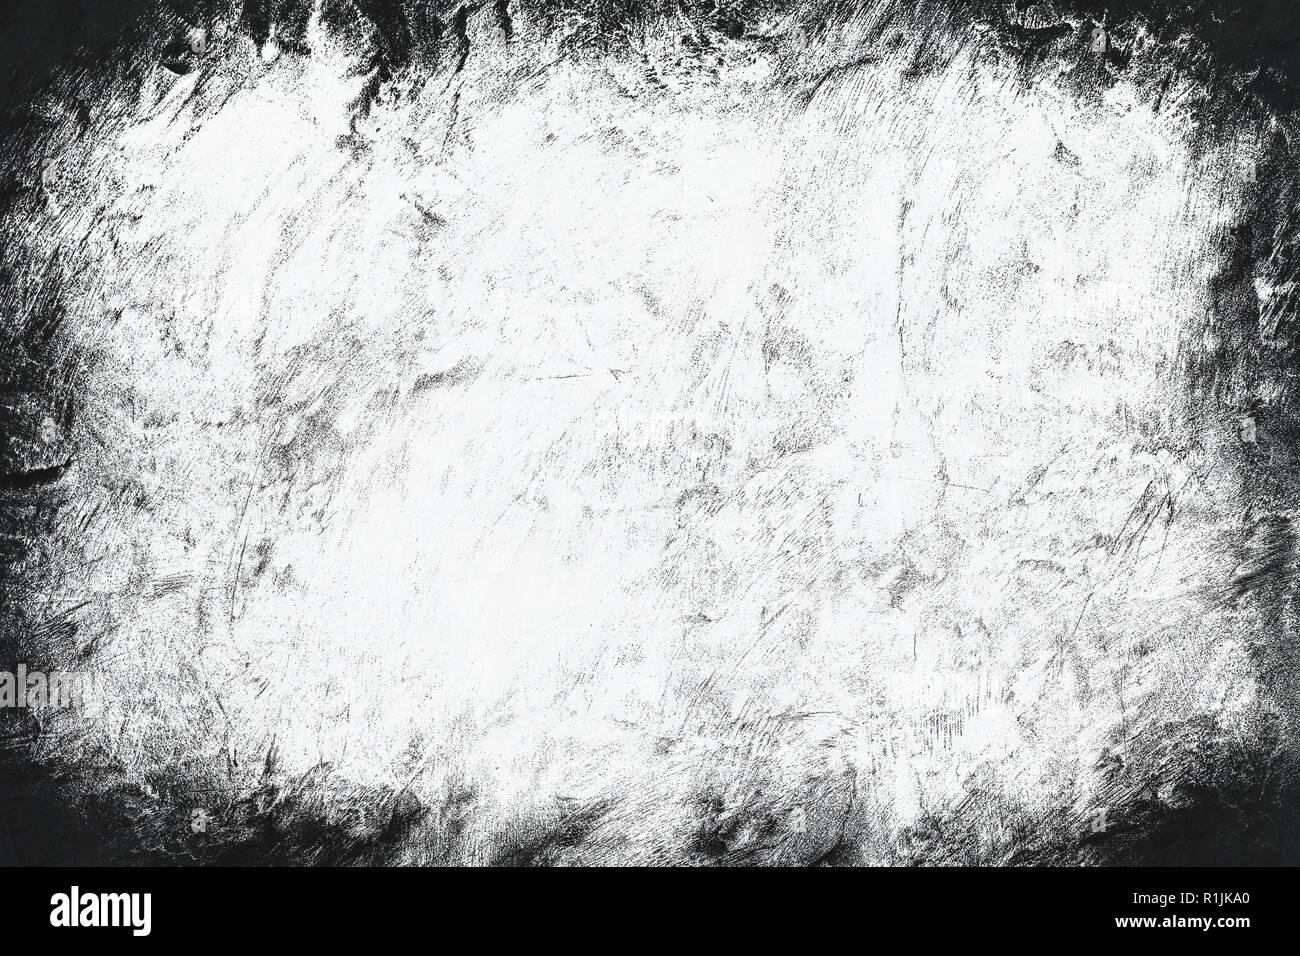 Vignette Old Grunge Frame Texture Fond Gris Blanc Pour L Impression Des Brochures Ou D Articles Blackdrop De Conception Ou De Fond De Photo Stock Alamy